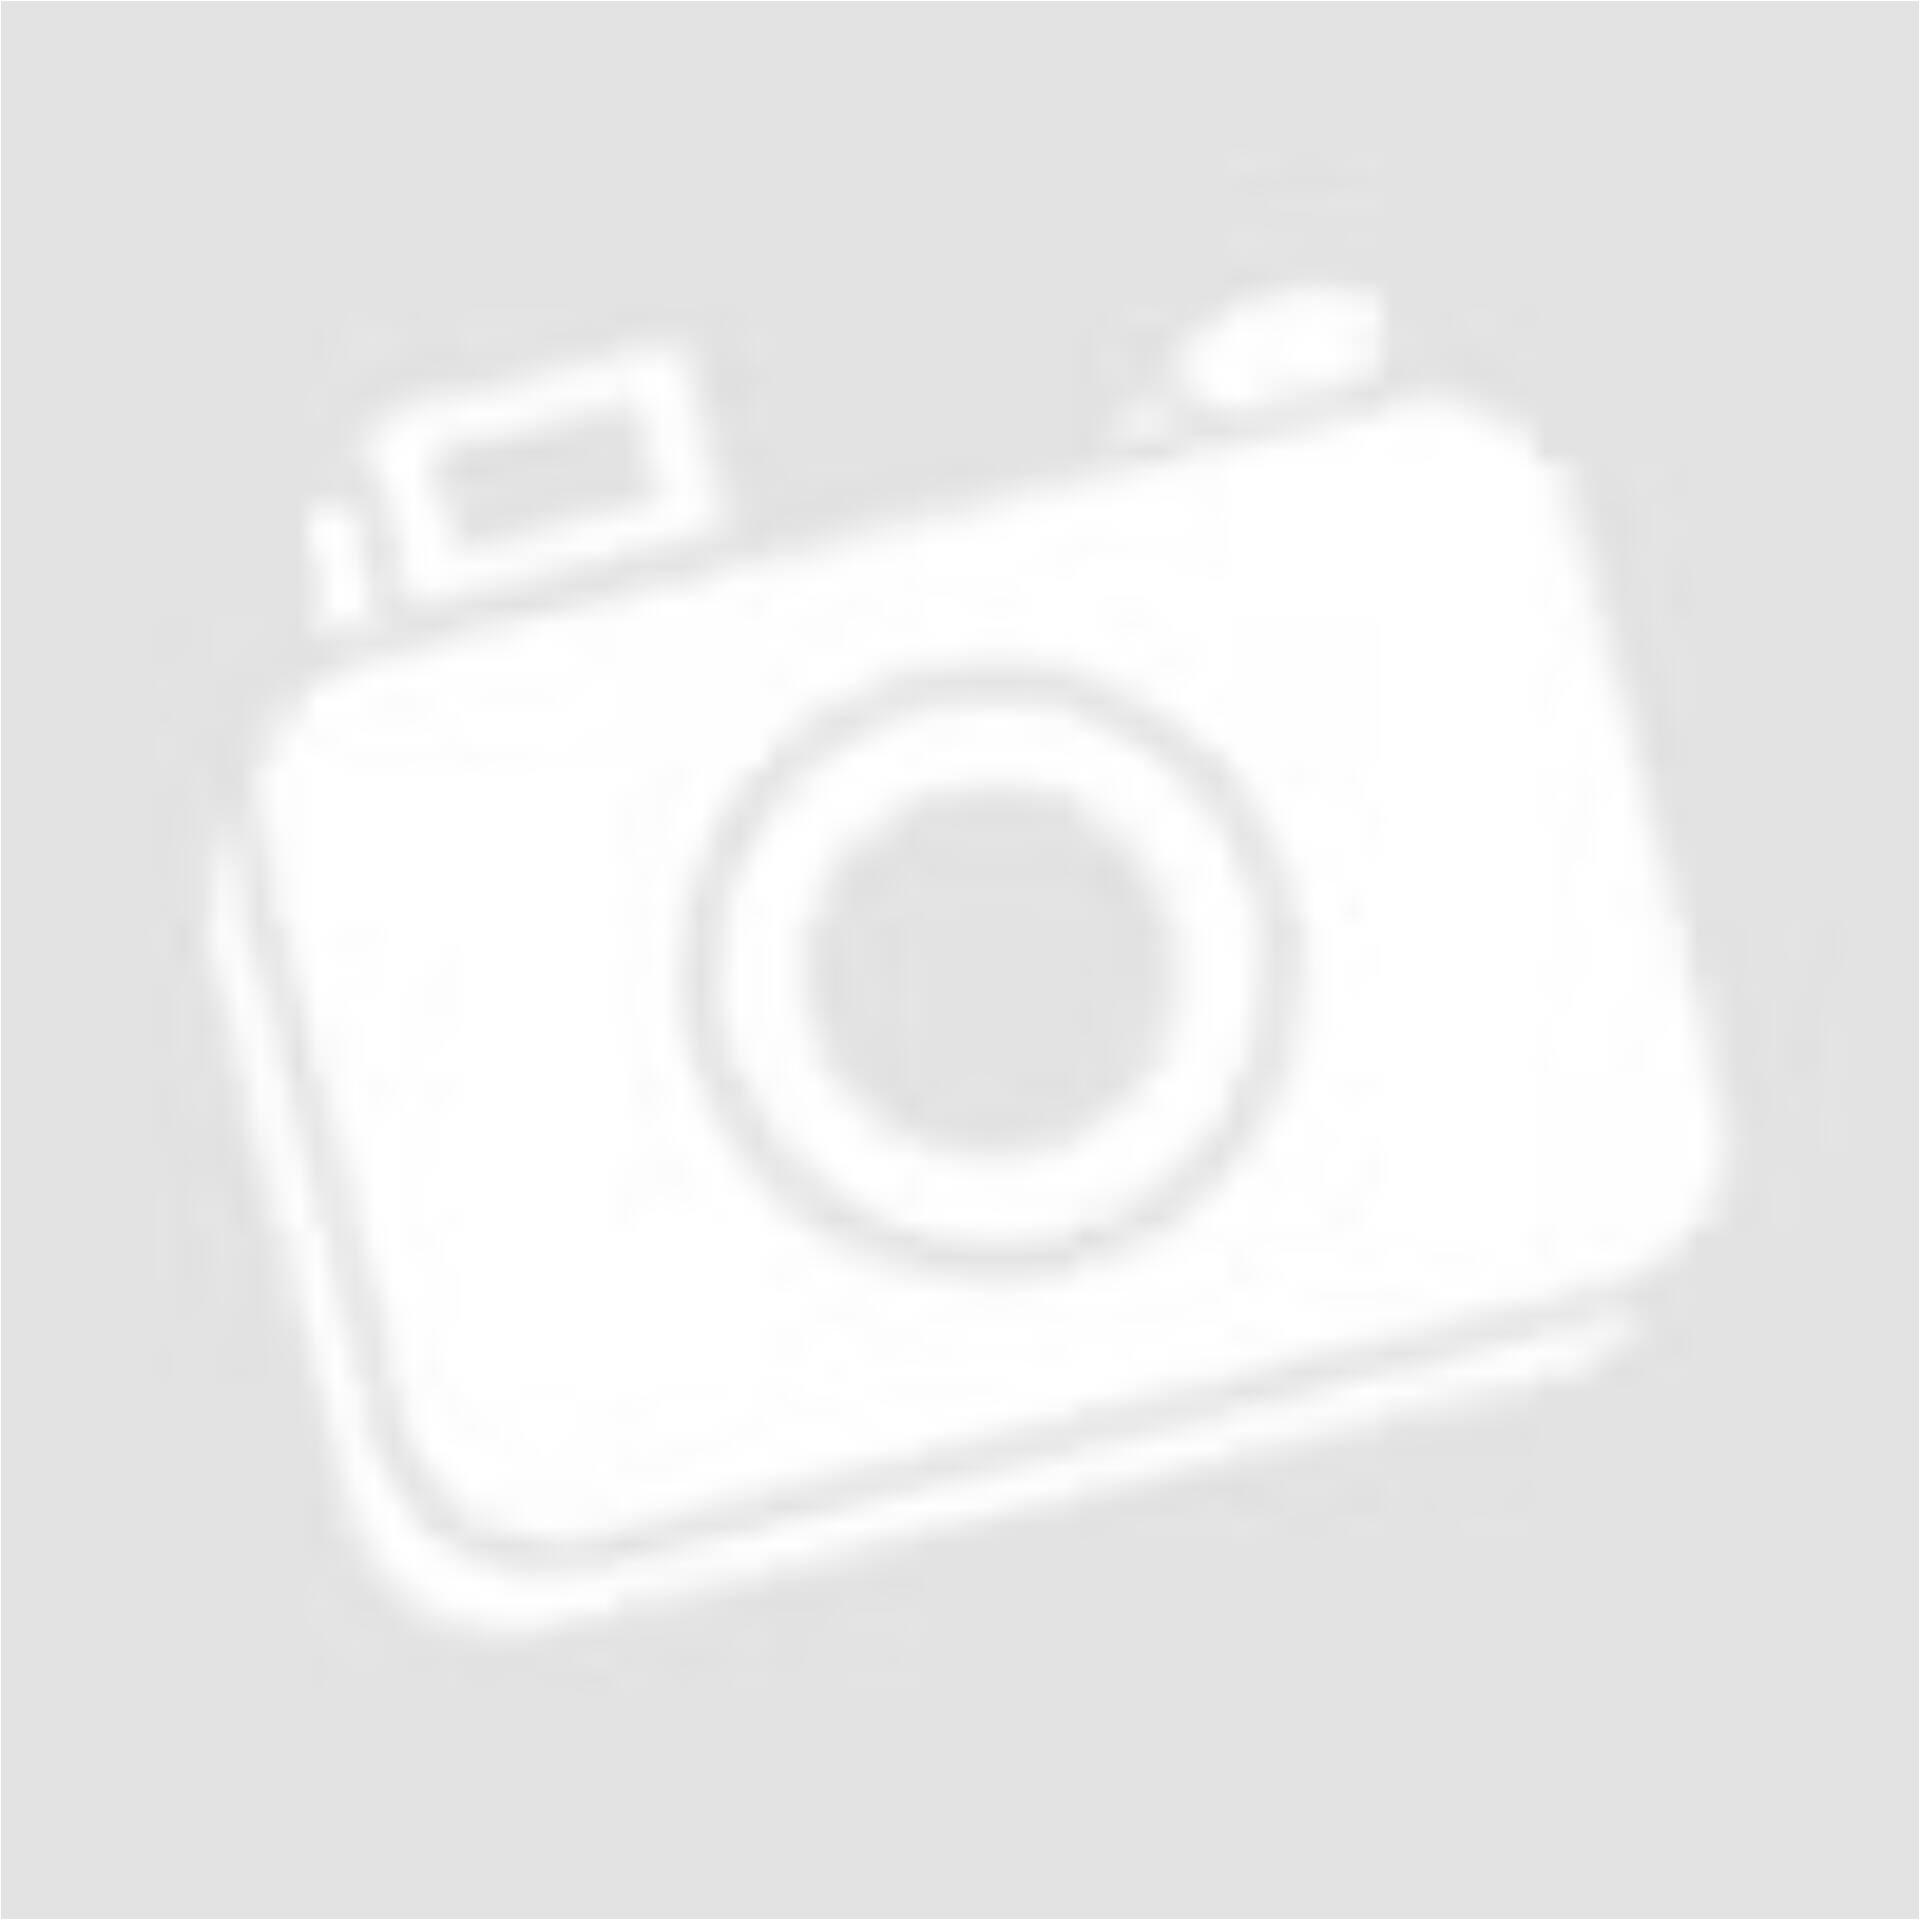 2acb70e788 H&M barna színű bársonyos kismama nadrág (Méret: L) - Pamut ...